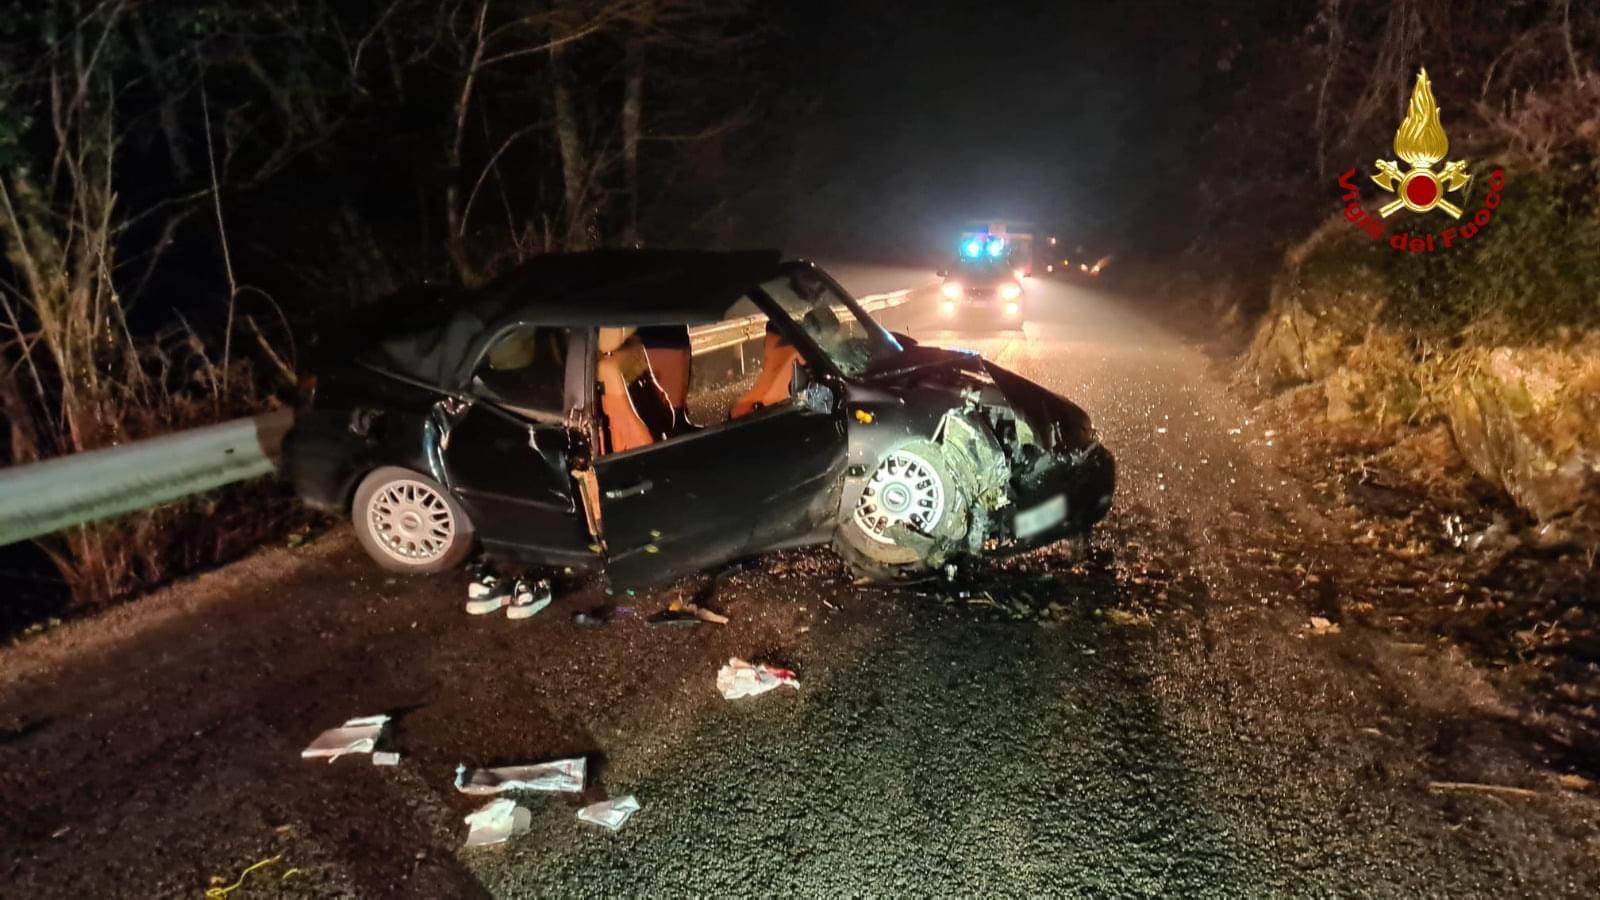 Grave incidente d'auto per quattro giovani a Conco   7 Comuni Online